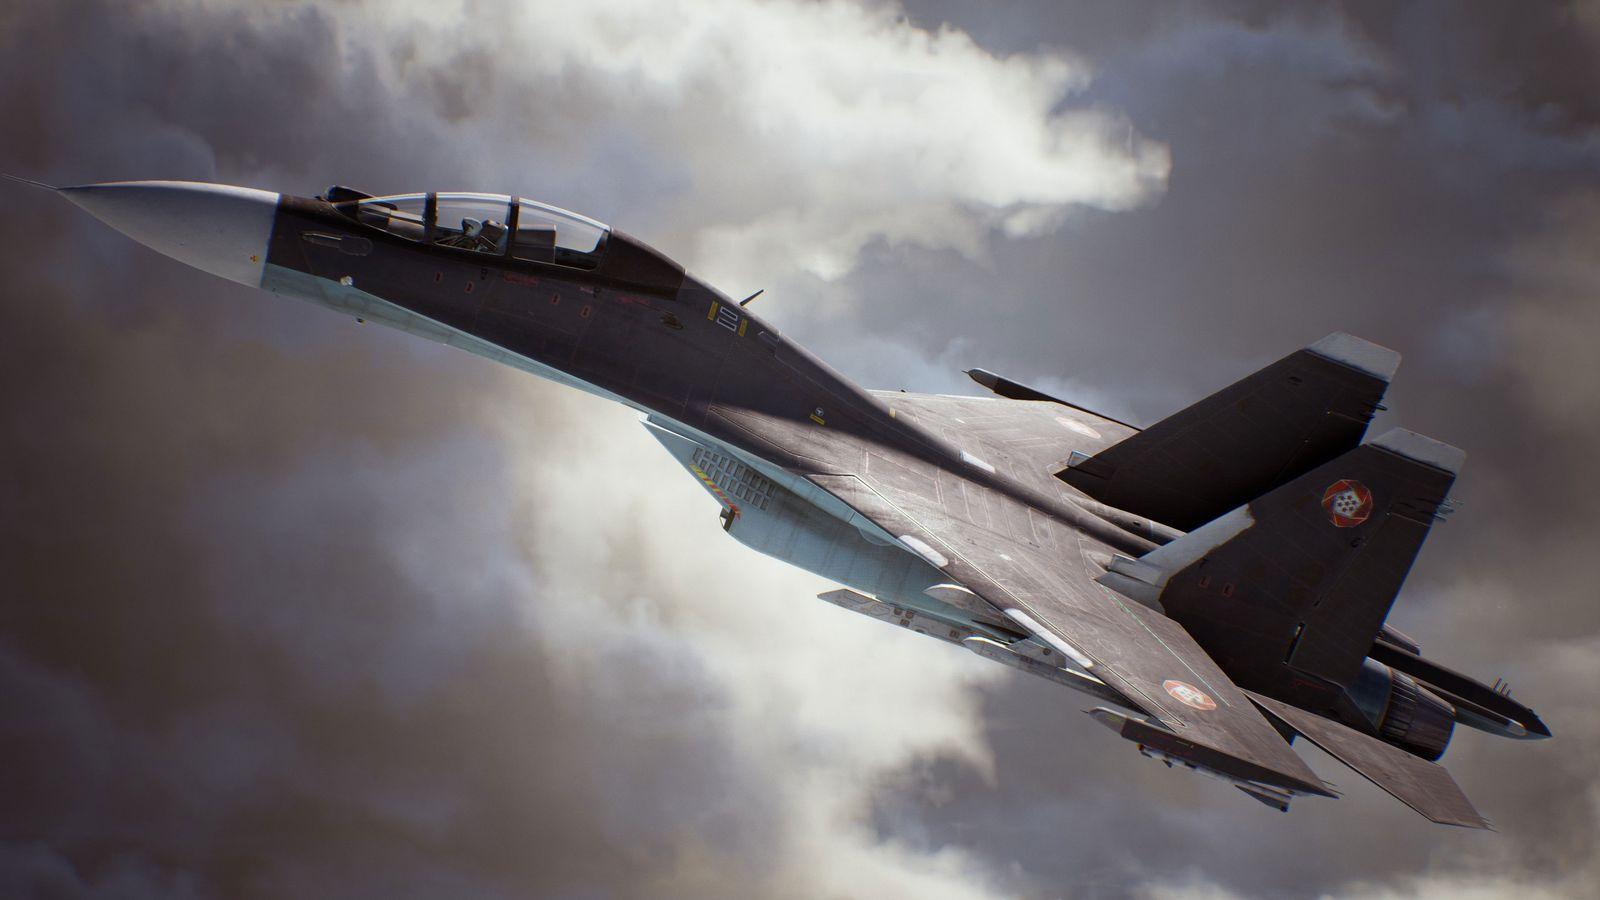 Обои истребитель, бомбардировка, будущего. Авиация foto 9